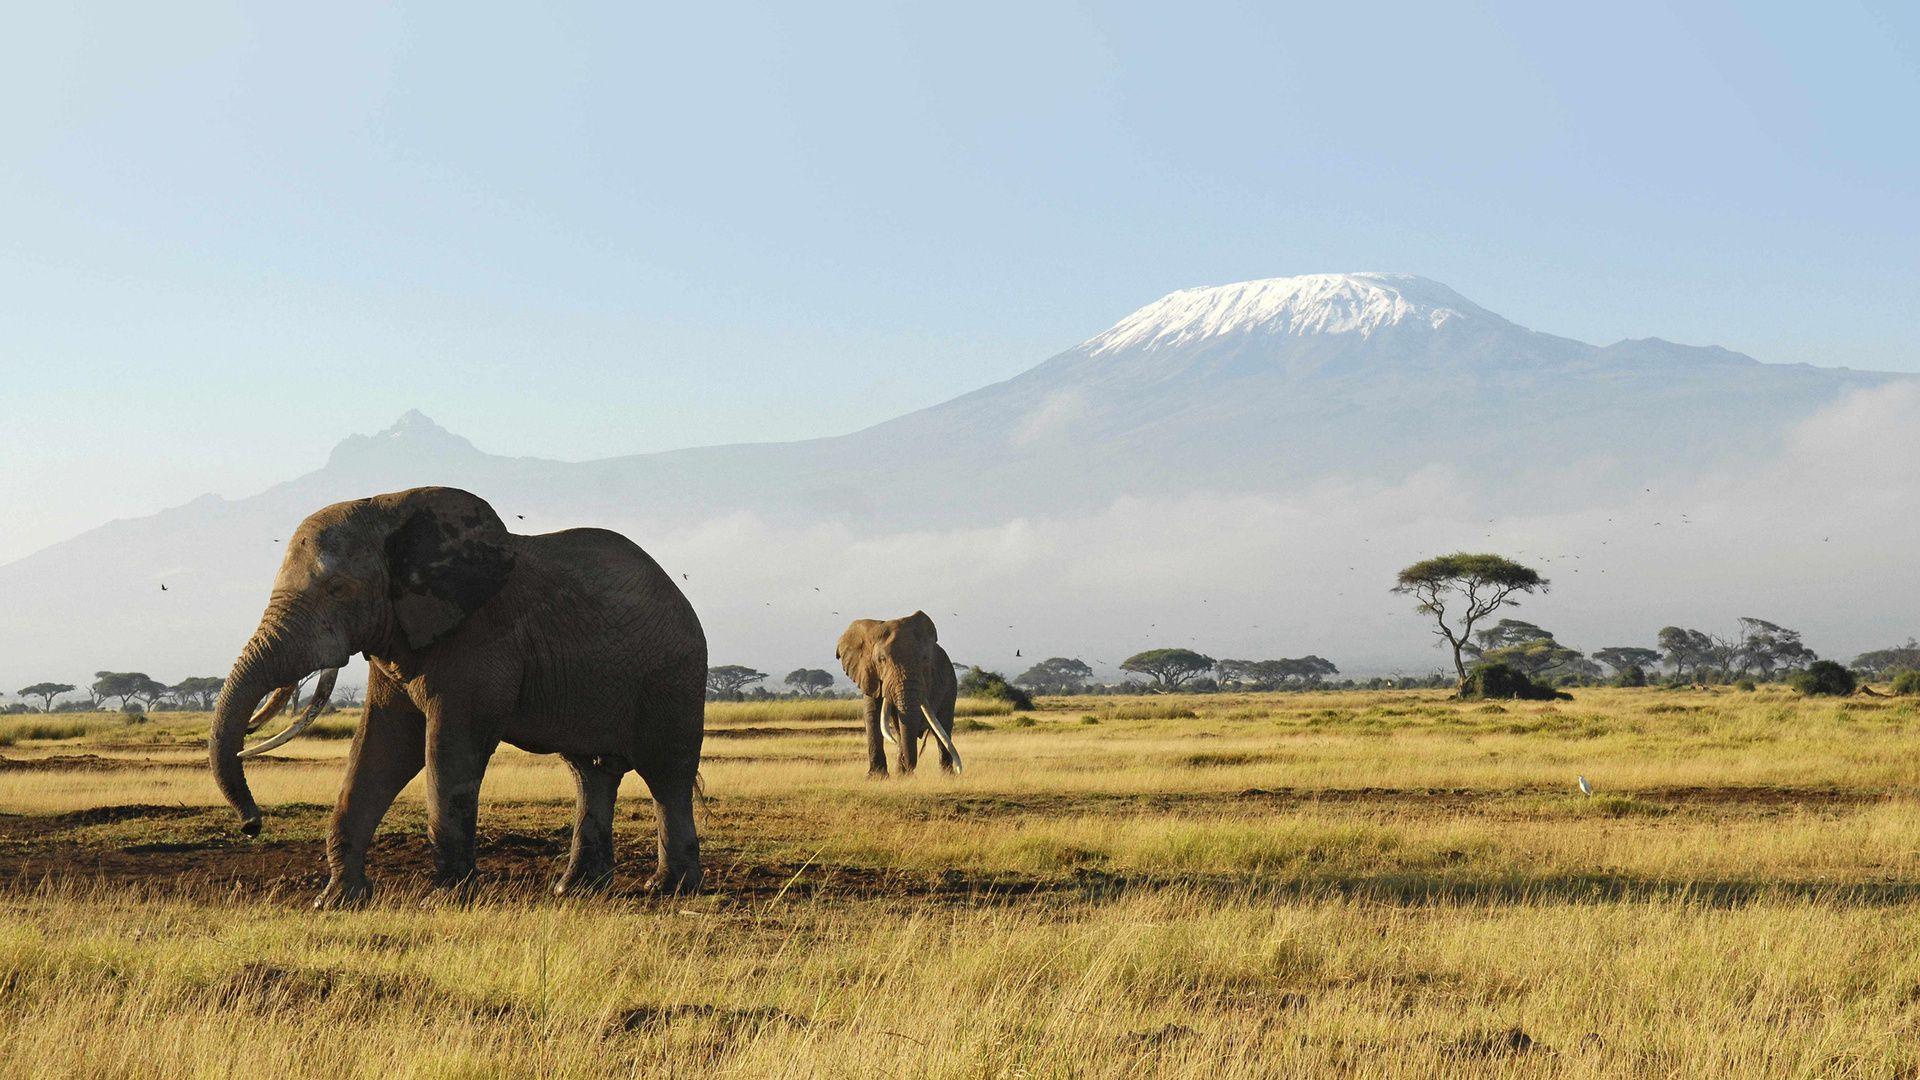 National Park, Africa, Amboseli Photo